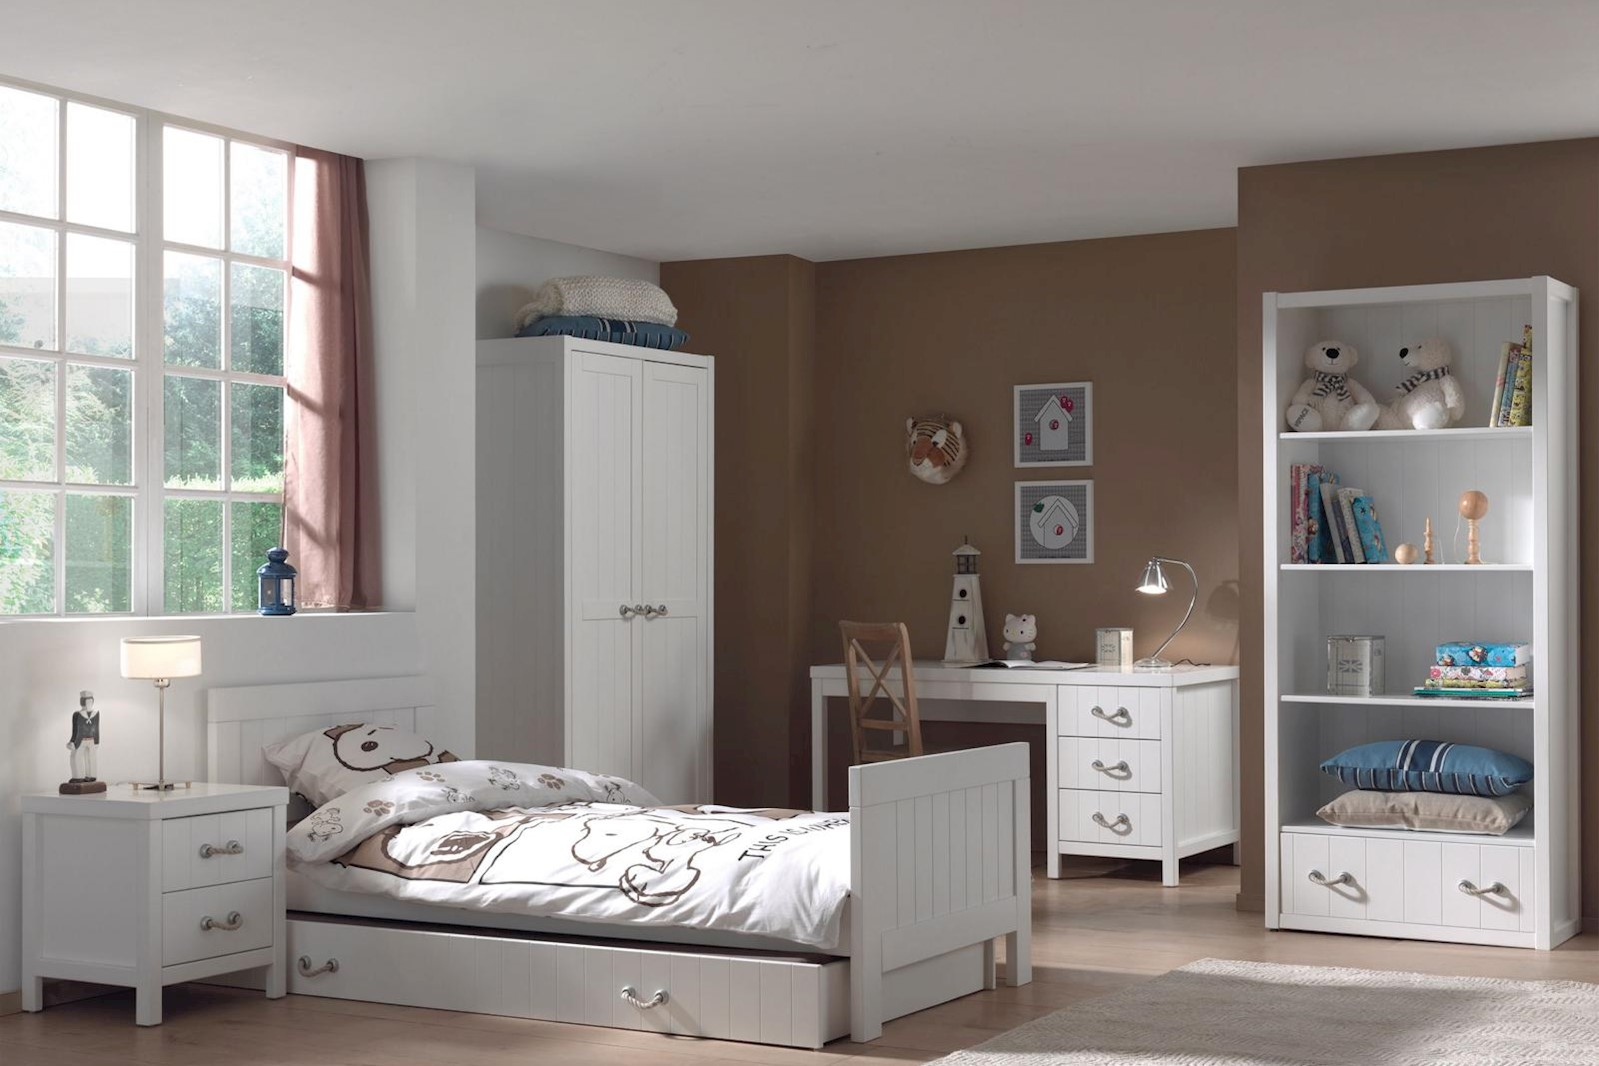 Mädchenzimmer komplett Set Iny 6-teilig in Weiß MDF